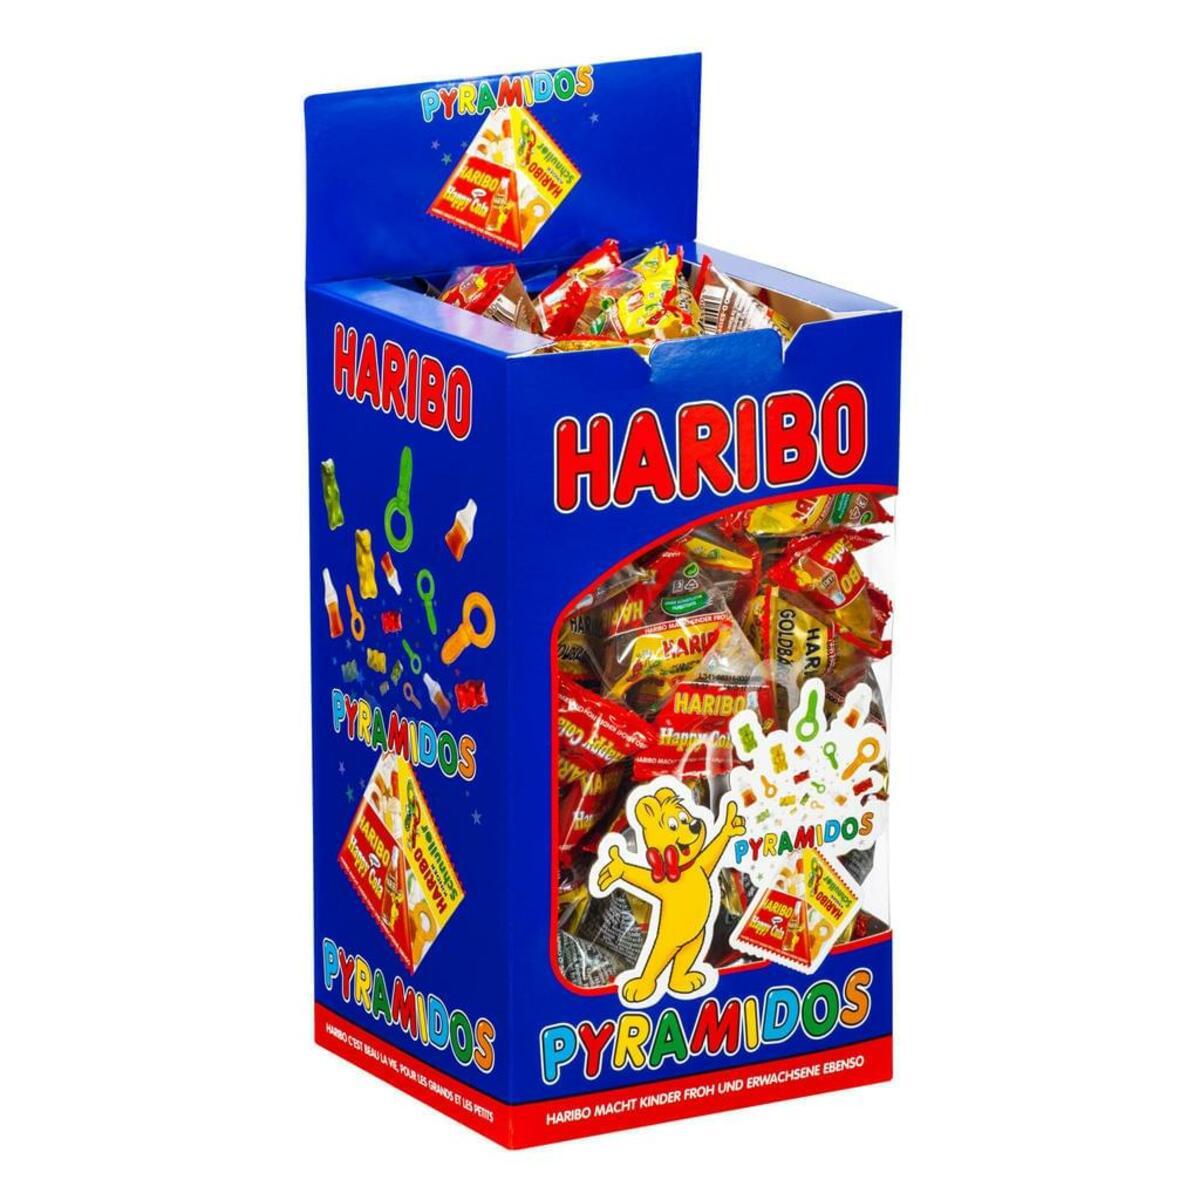 Bild 2 von Haribo Pyramidos Fruchtgummi, Gummibärchen, Colaflaschen, Süßigkeiten, in Mini-Beuteln, 750 g